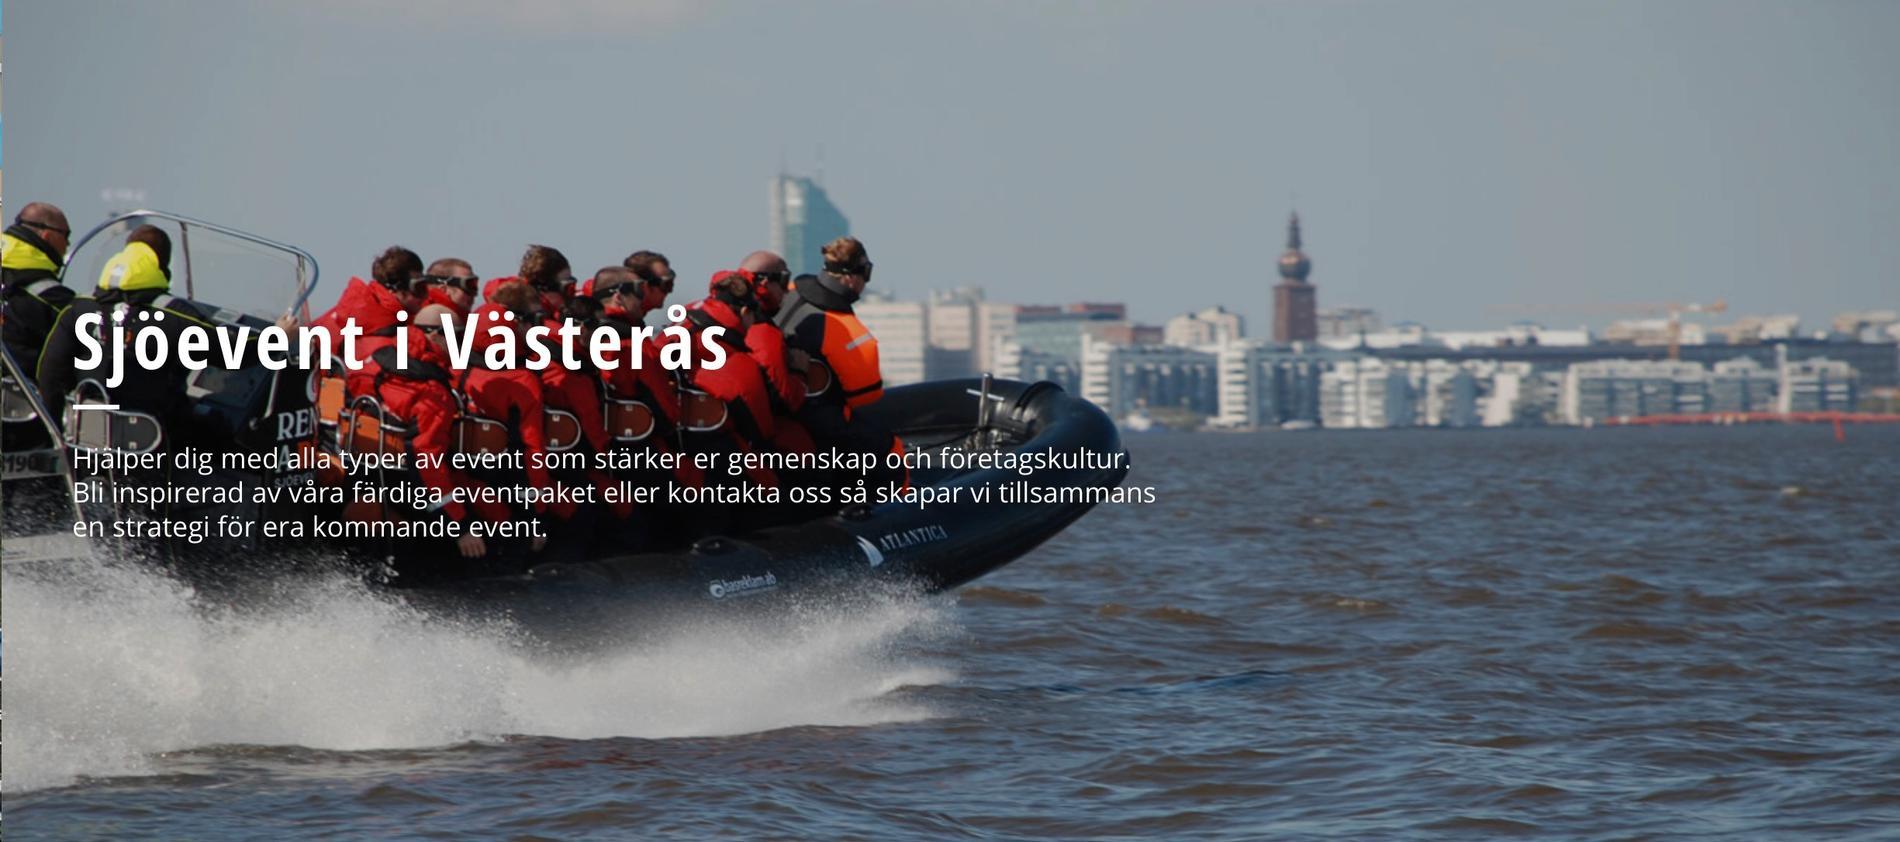 Sjöevent i Västerås säljer främst vattenaktiviteter –men driver också bland annat Hjulstabron utanför Västerås.